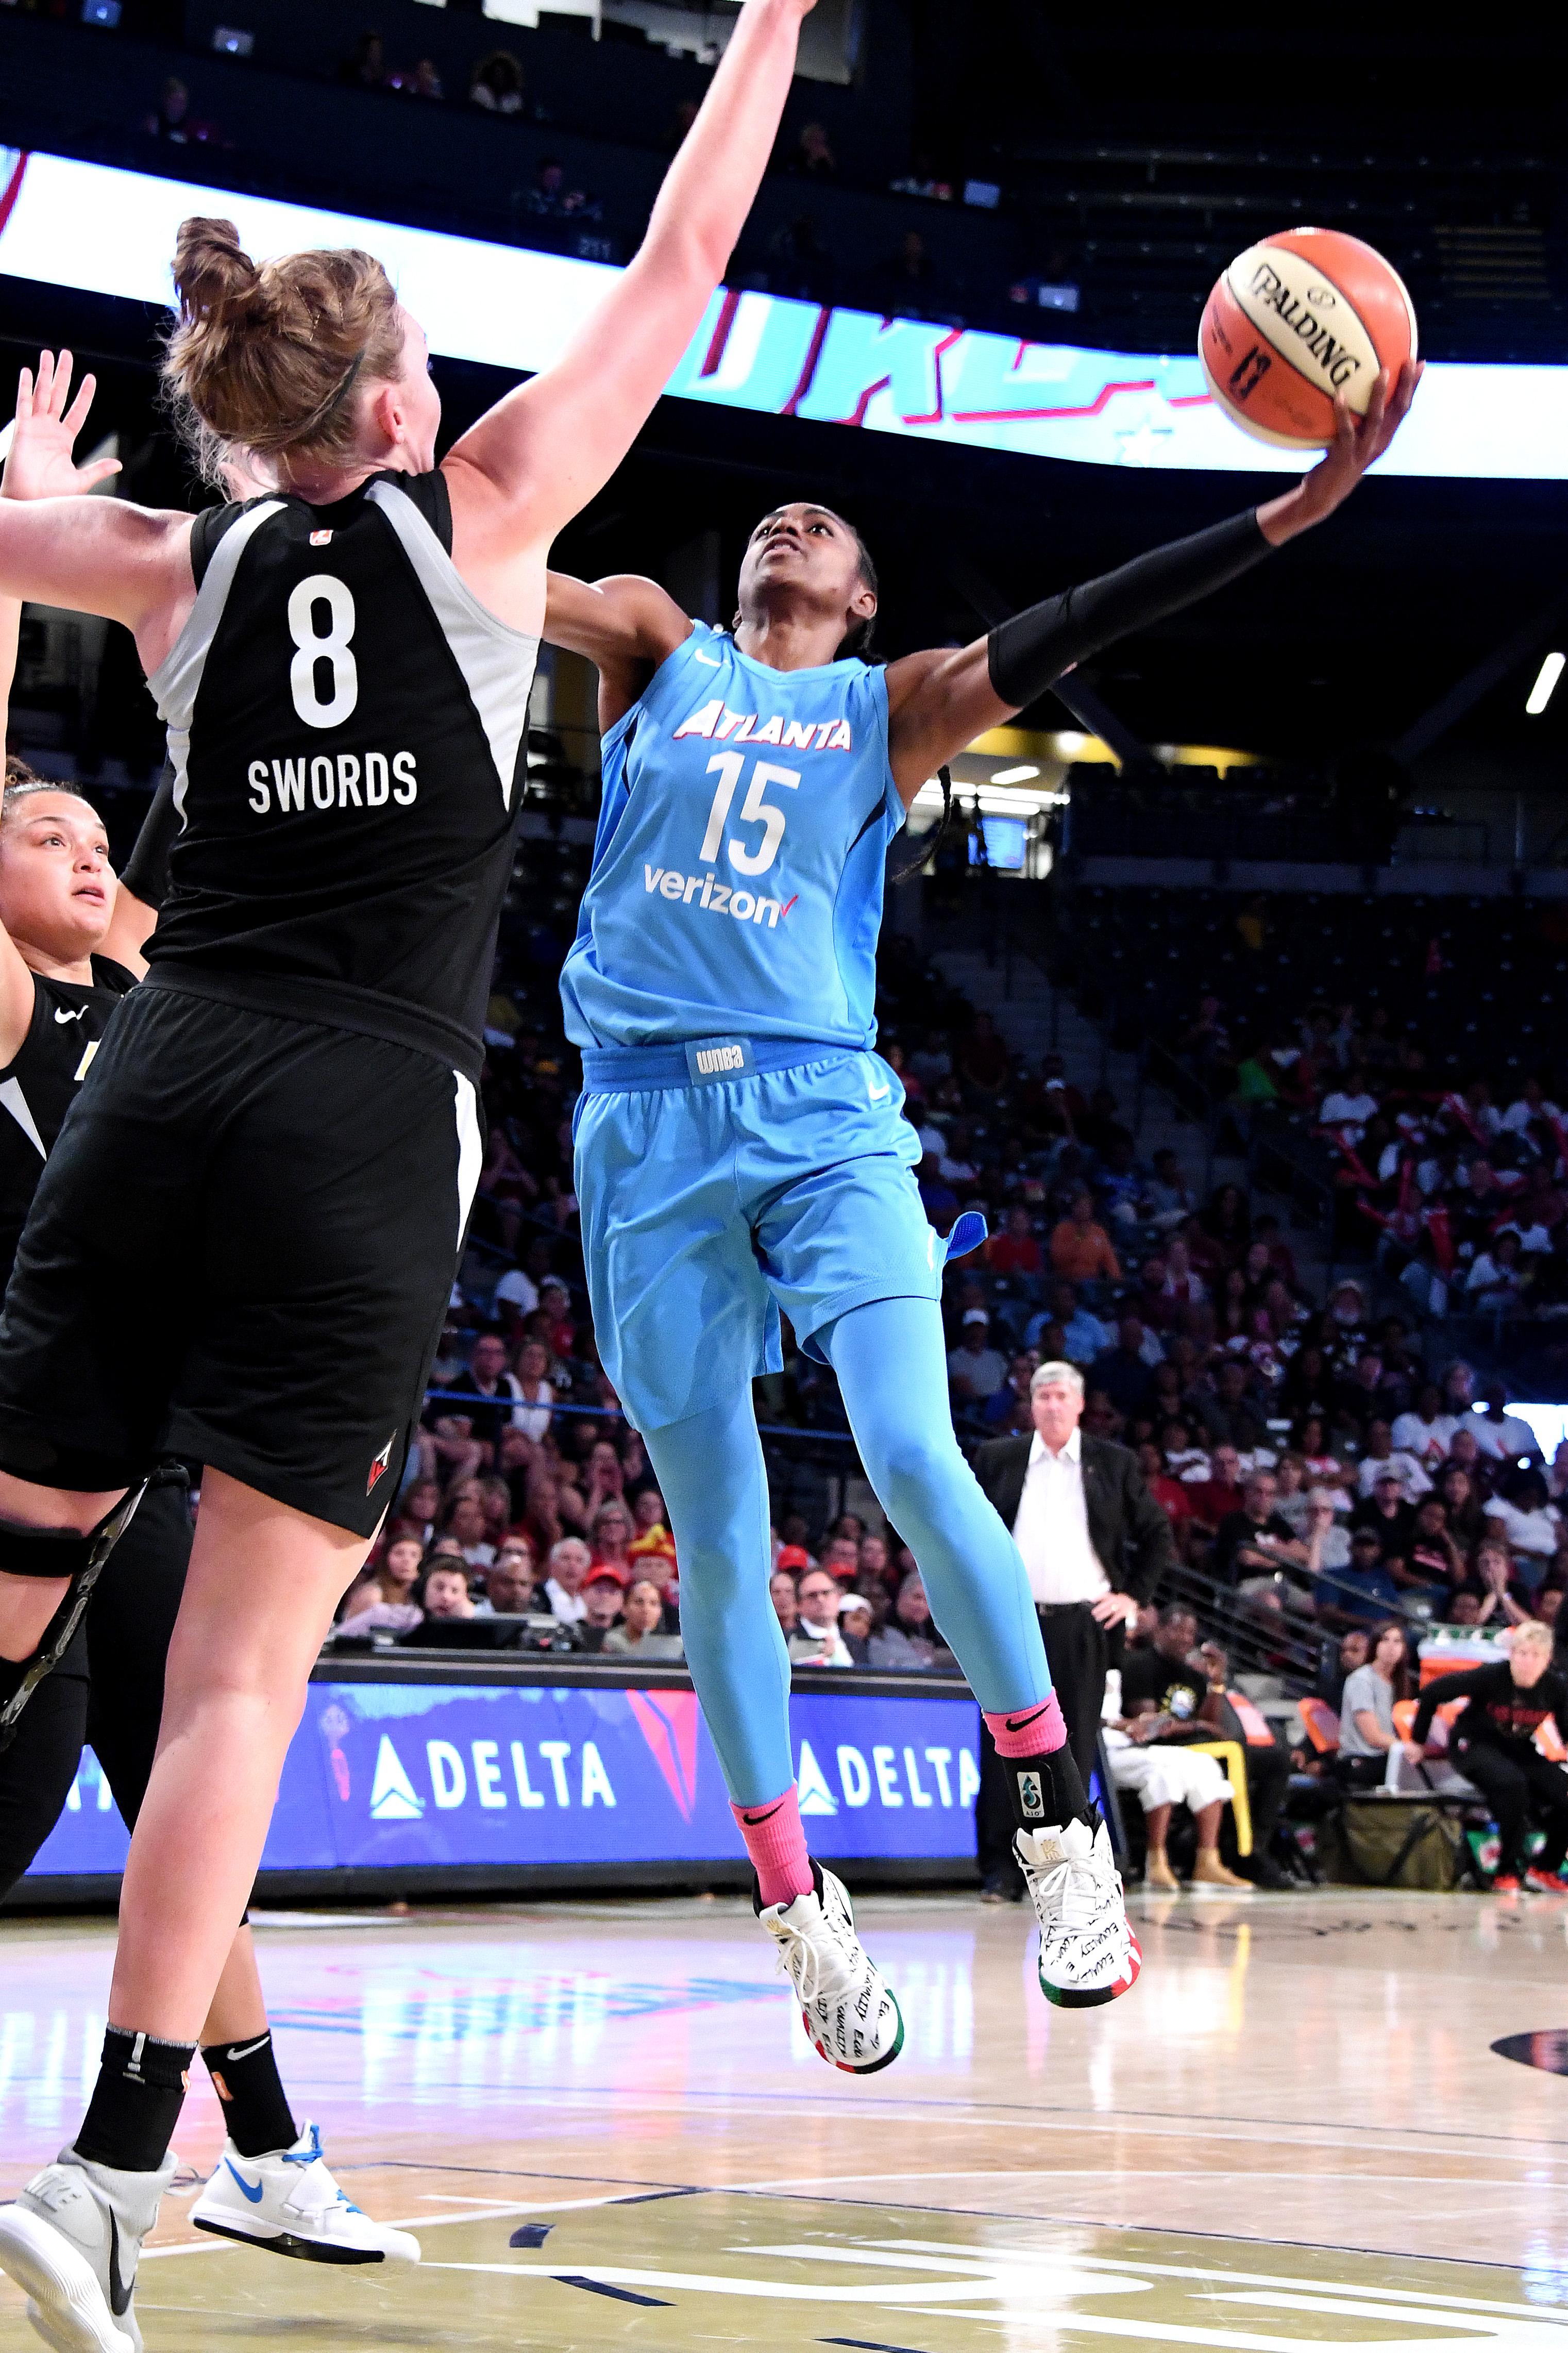 2018年8月7日,在佐治亚州亚特兰大市的麦坎米什馆,亚特兰大梦之队的伊丽莎白·威廉姆斯在对阵拉斯维加斯王牌队的比赛中投篮。